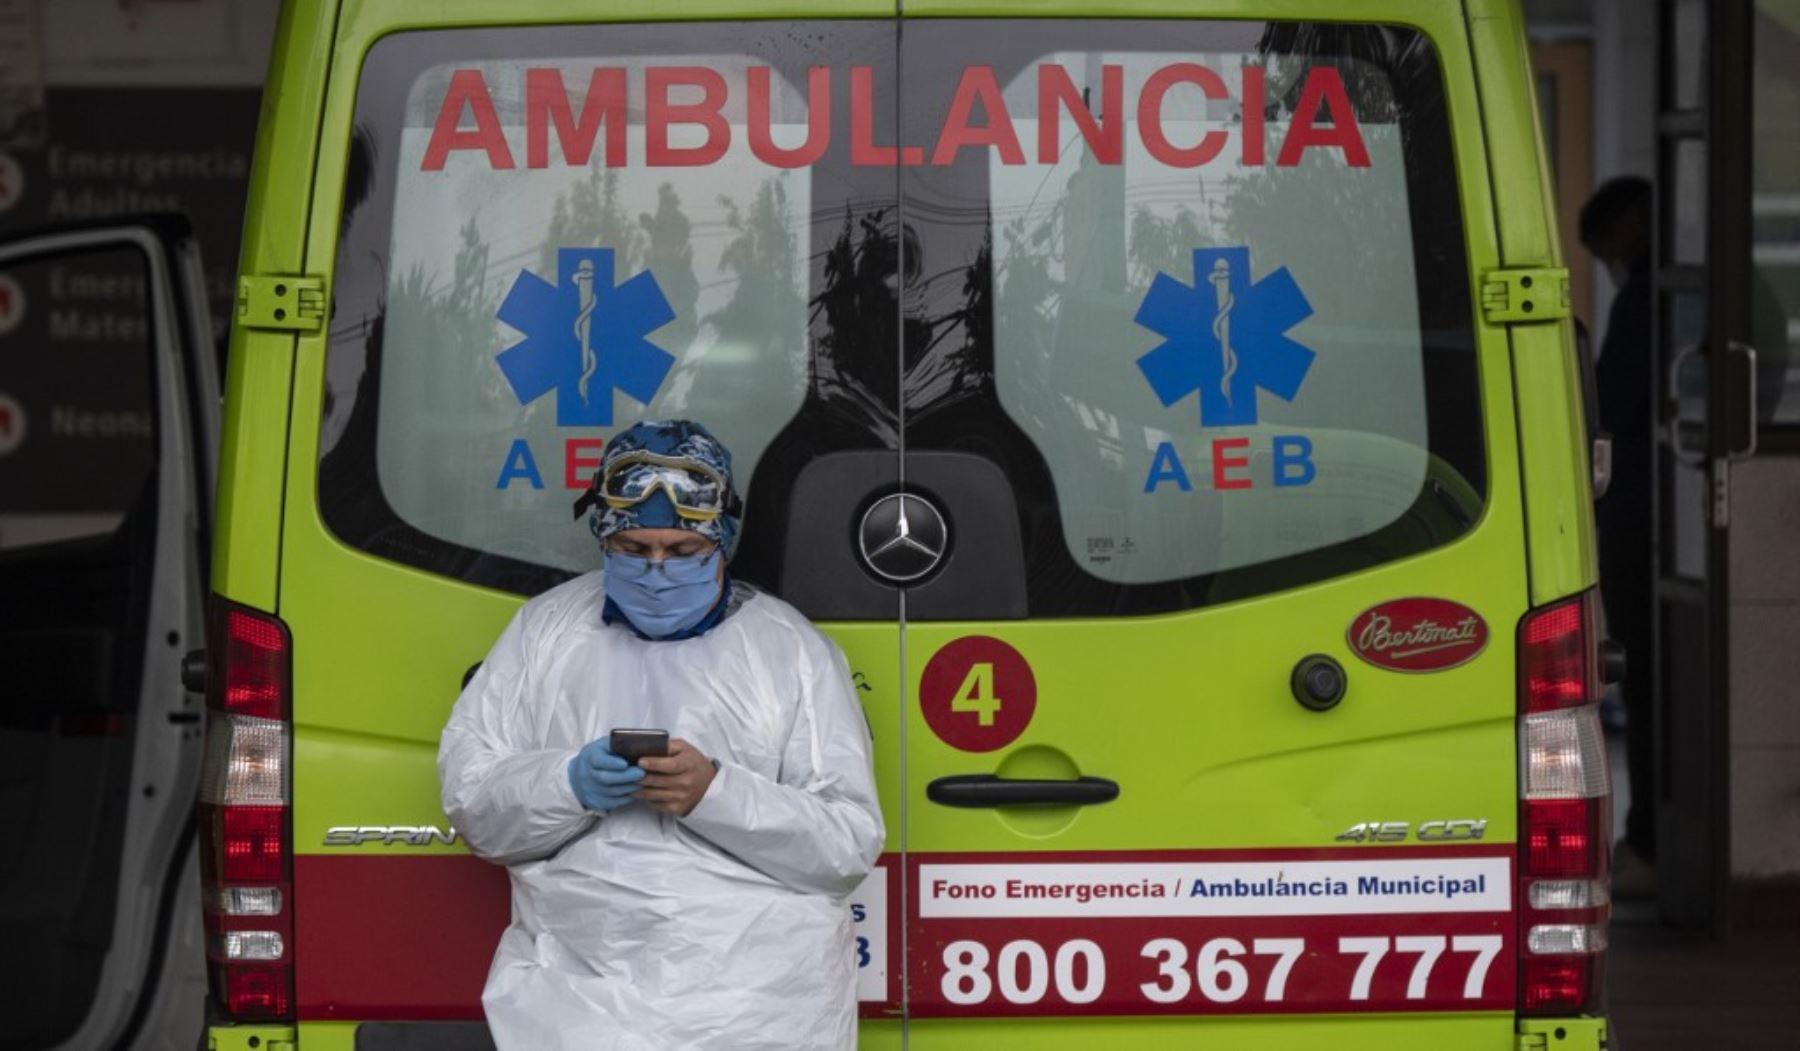 Un trabajador de la salud utiliza su celular junto a una ambulancia que transportaba a un paciente con síntomas del nuevo coronavirus COVID-19, en Santiago de Chile. Foto: AFP